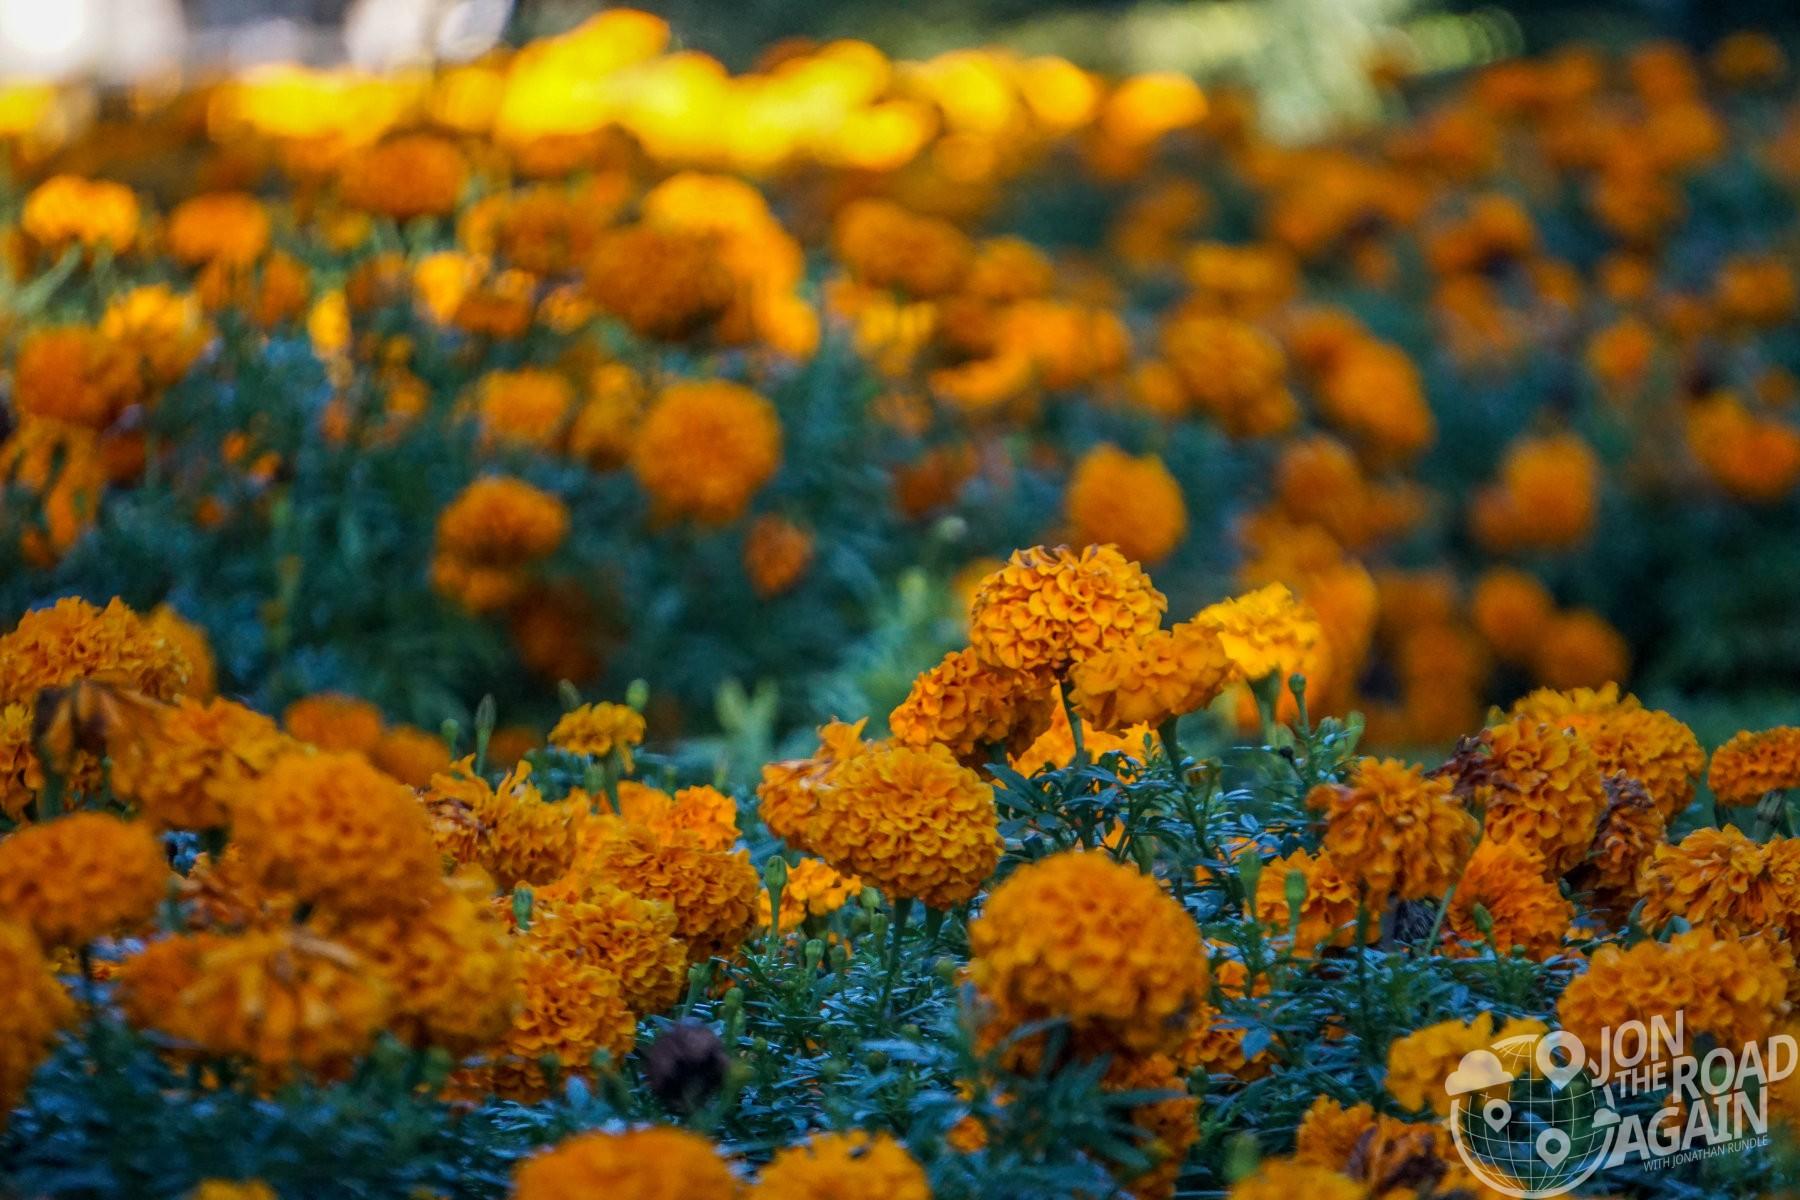 Marigolds at the Dallas Arboretum